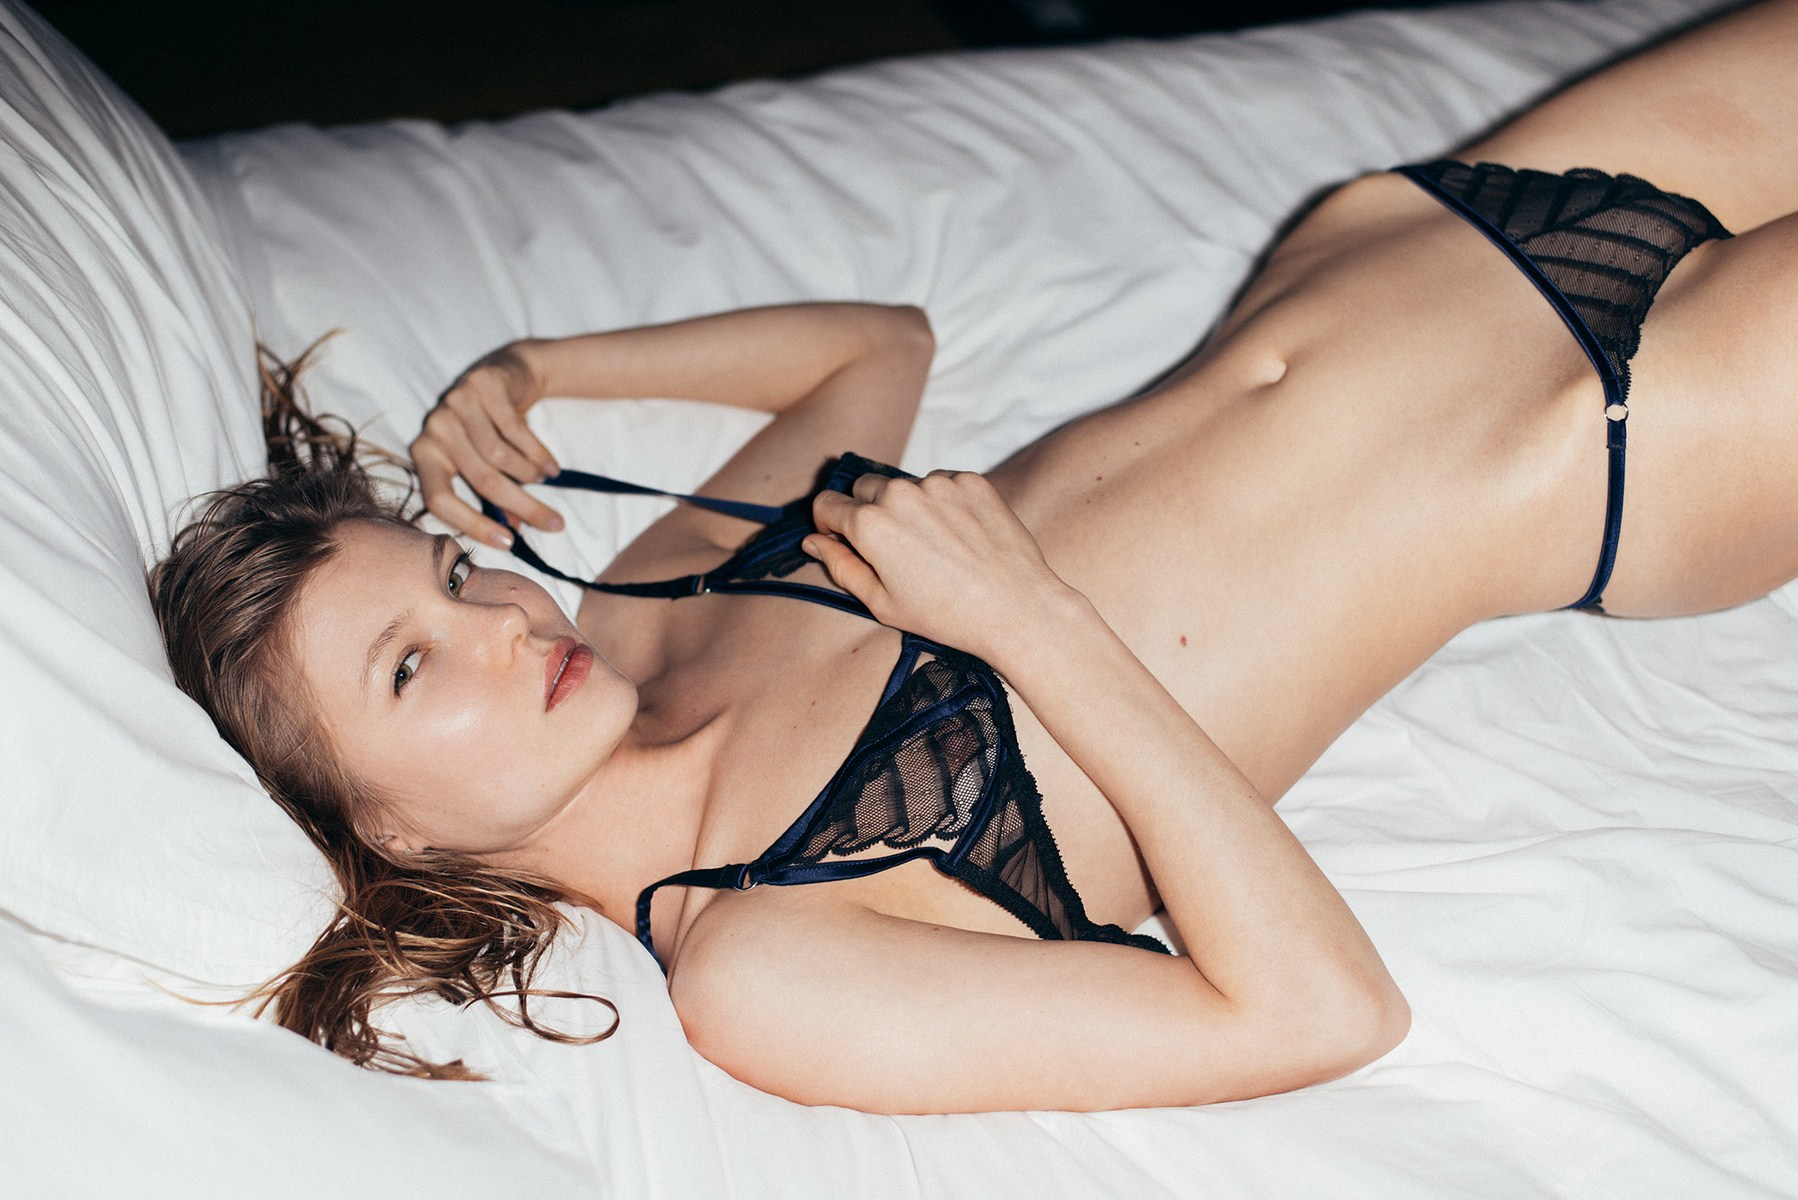 szexeltem egy fekete emberrel fájdalmas anális pornó filmek